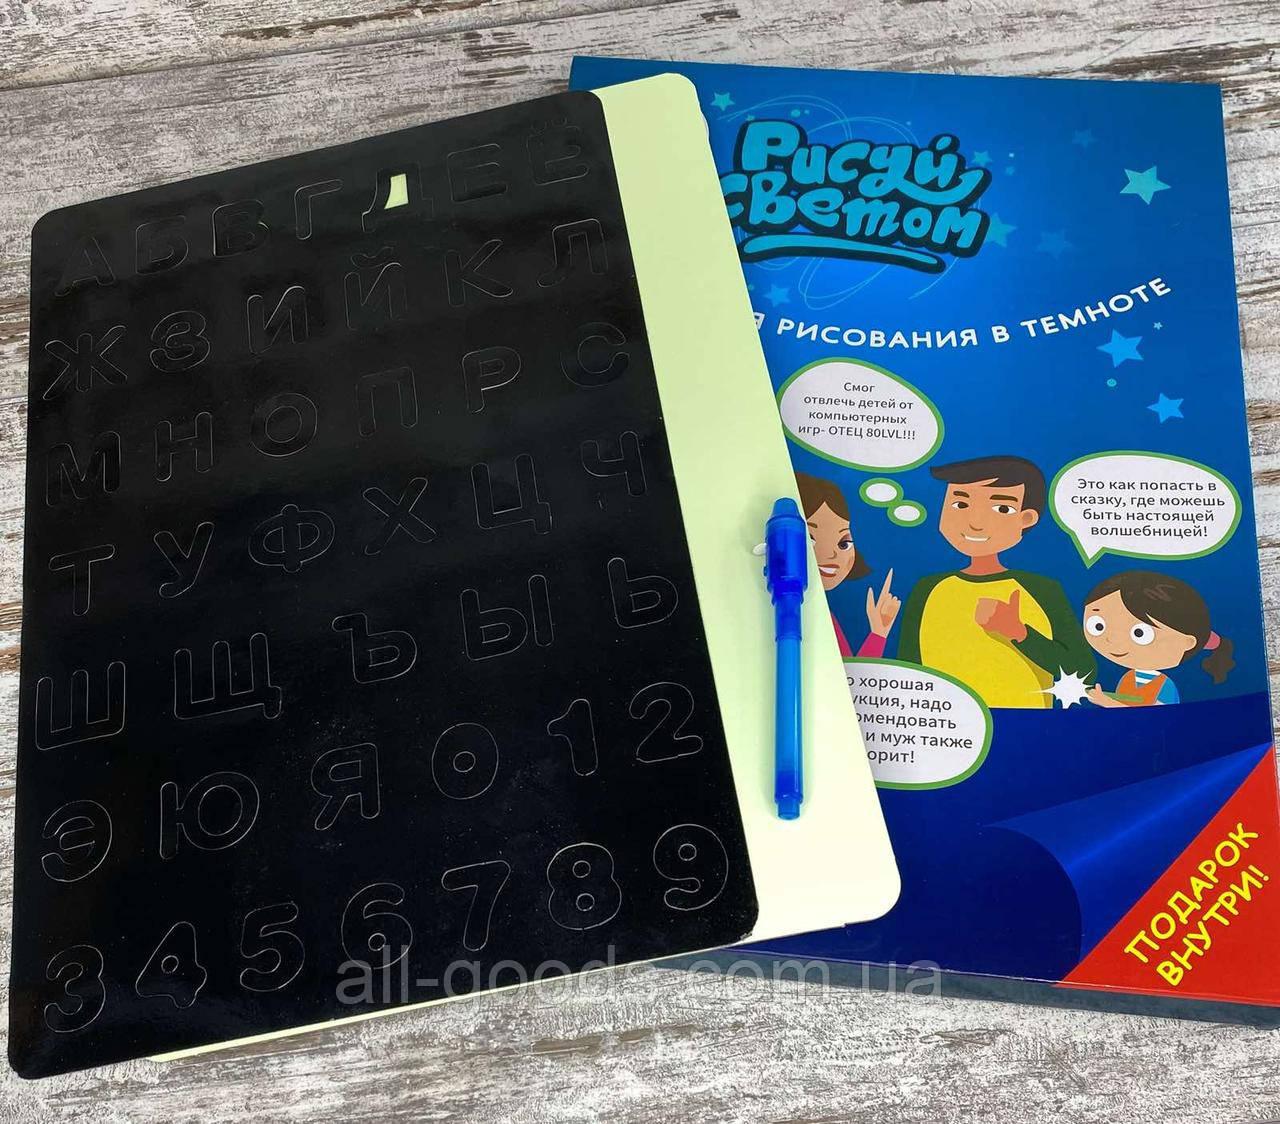 Детский набор для творчества Рисуй Светом А3. Планшет для рисования в темноте All